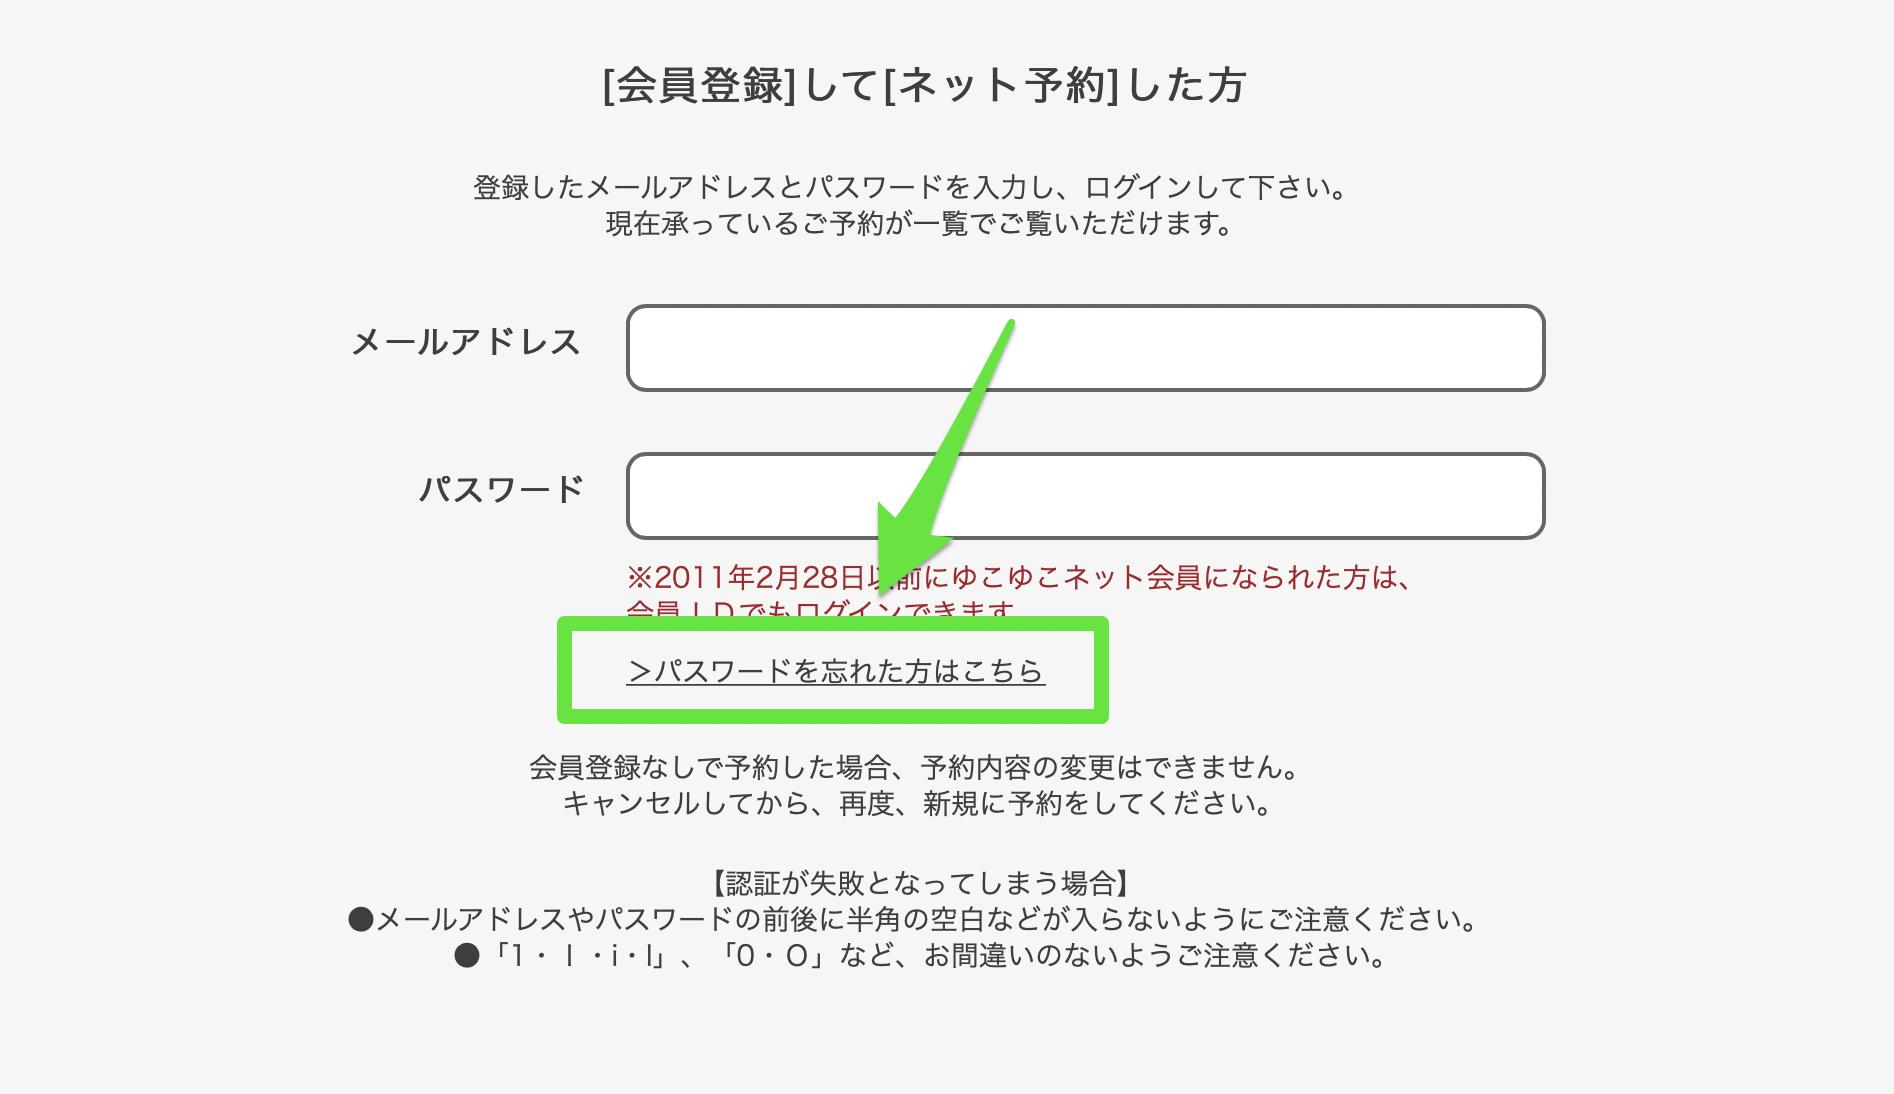 ゆこゆこネットのパスワード